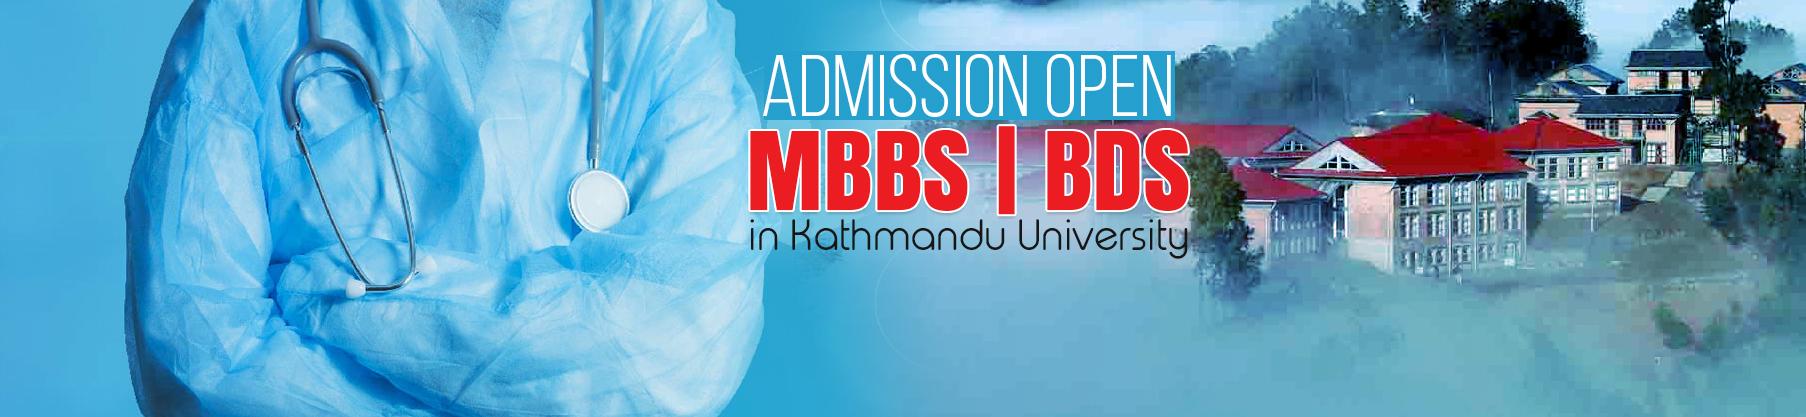 MBBS/BDS Entrance Exam Notice from Kathmandu University